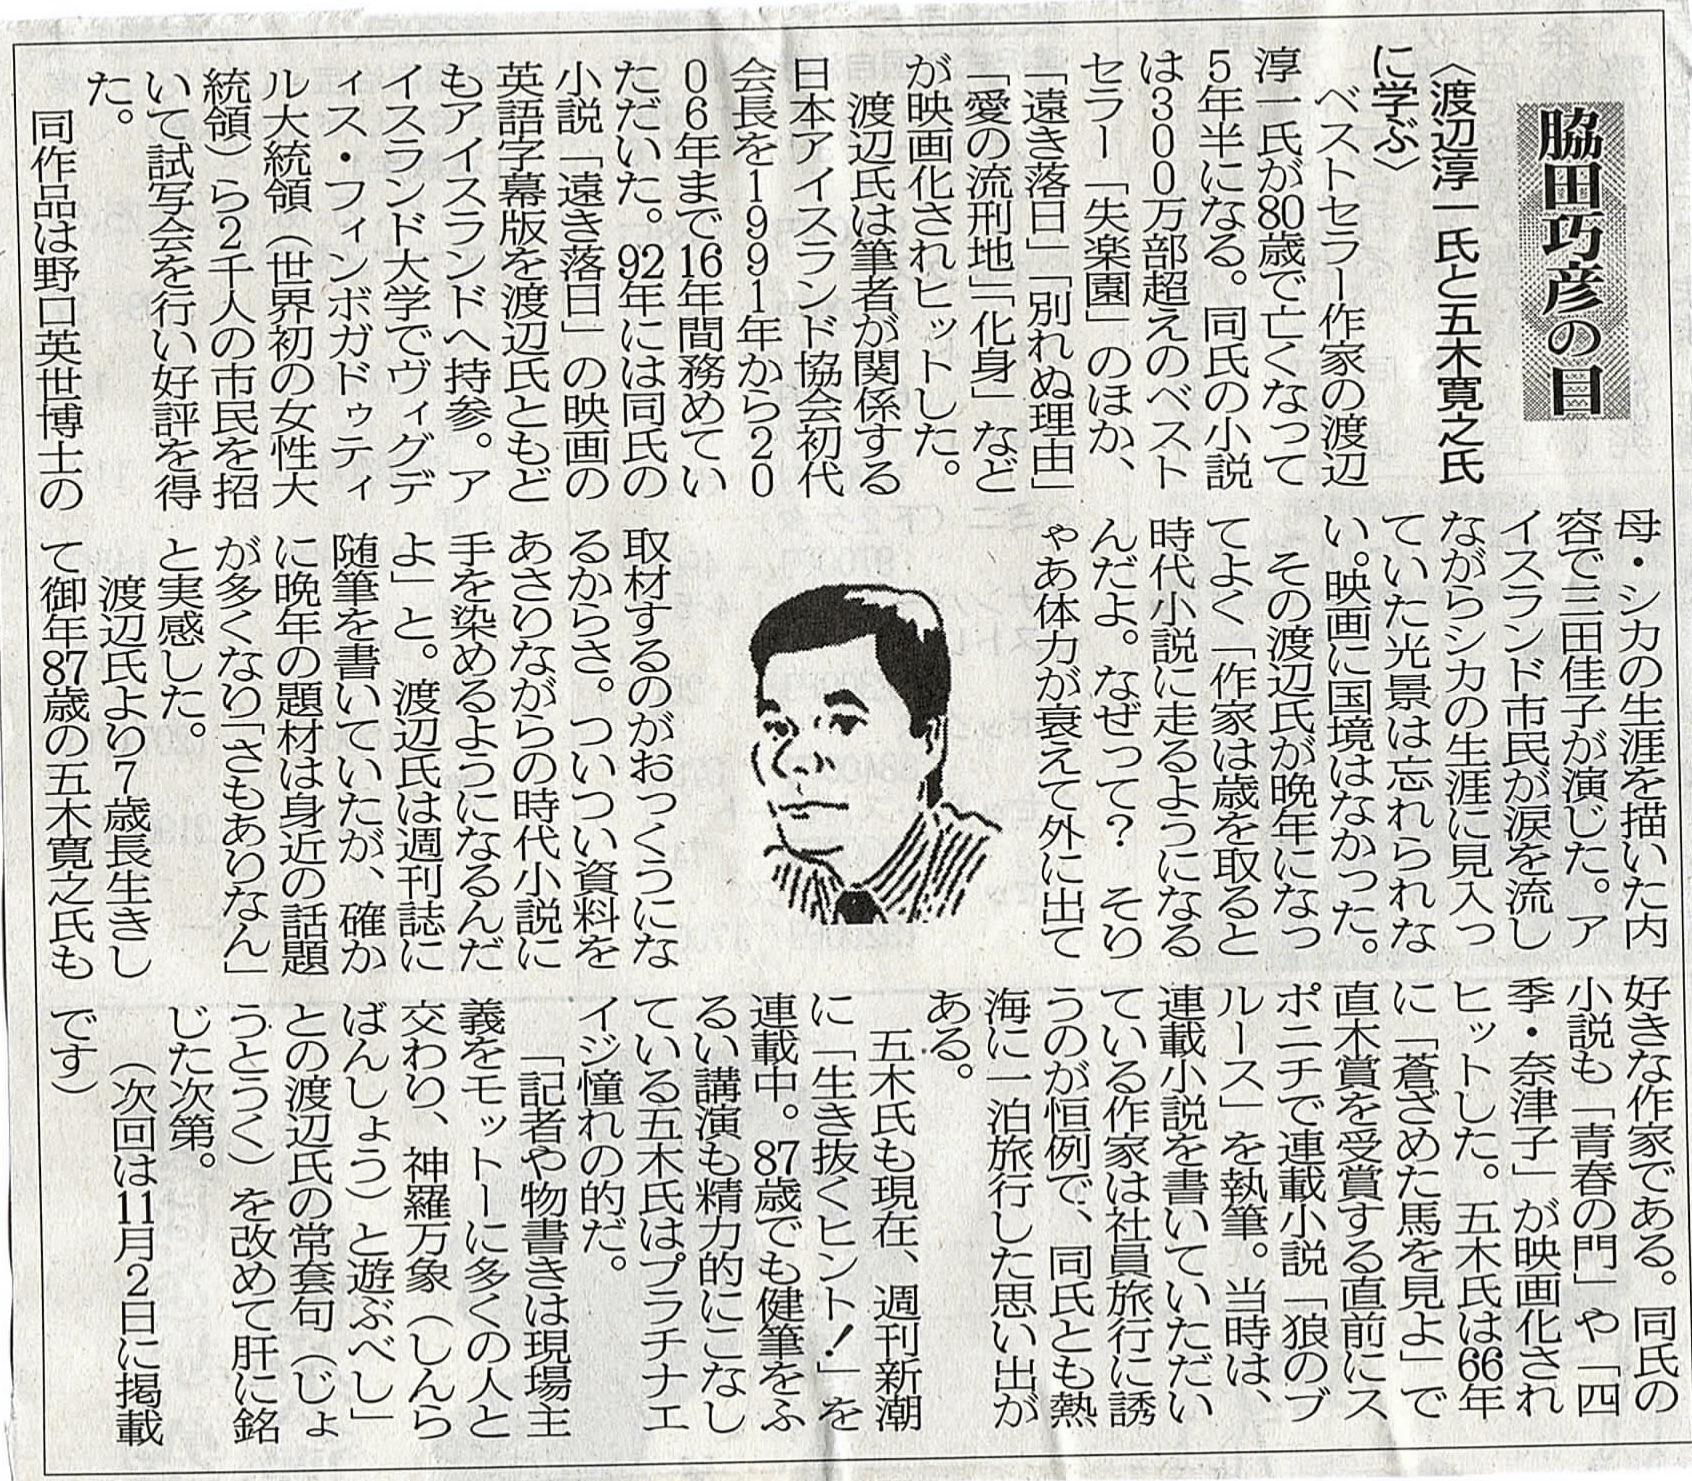 2019年10月19日 渡辺淳一氏と五木寛之氏に学ぶ